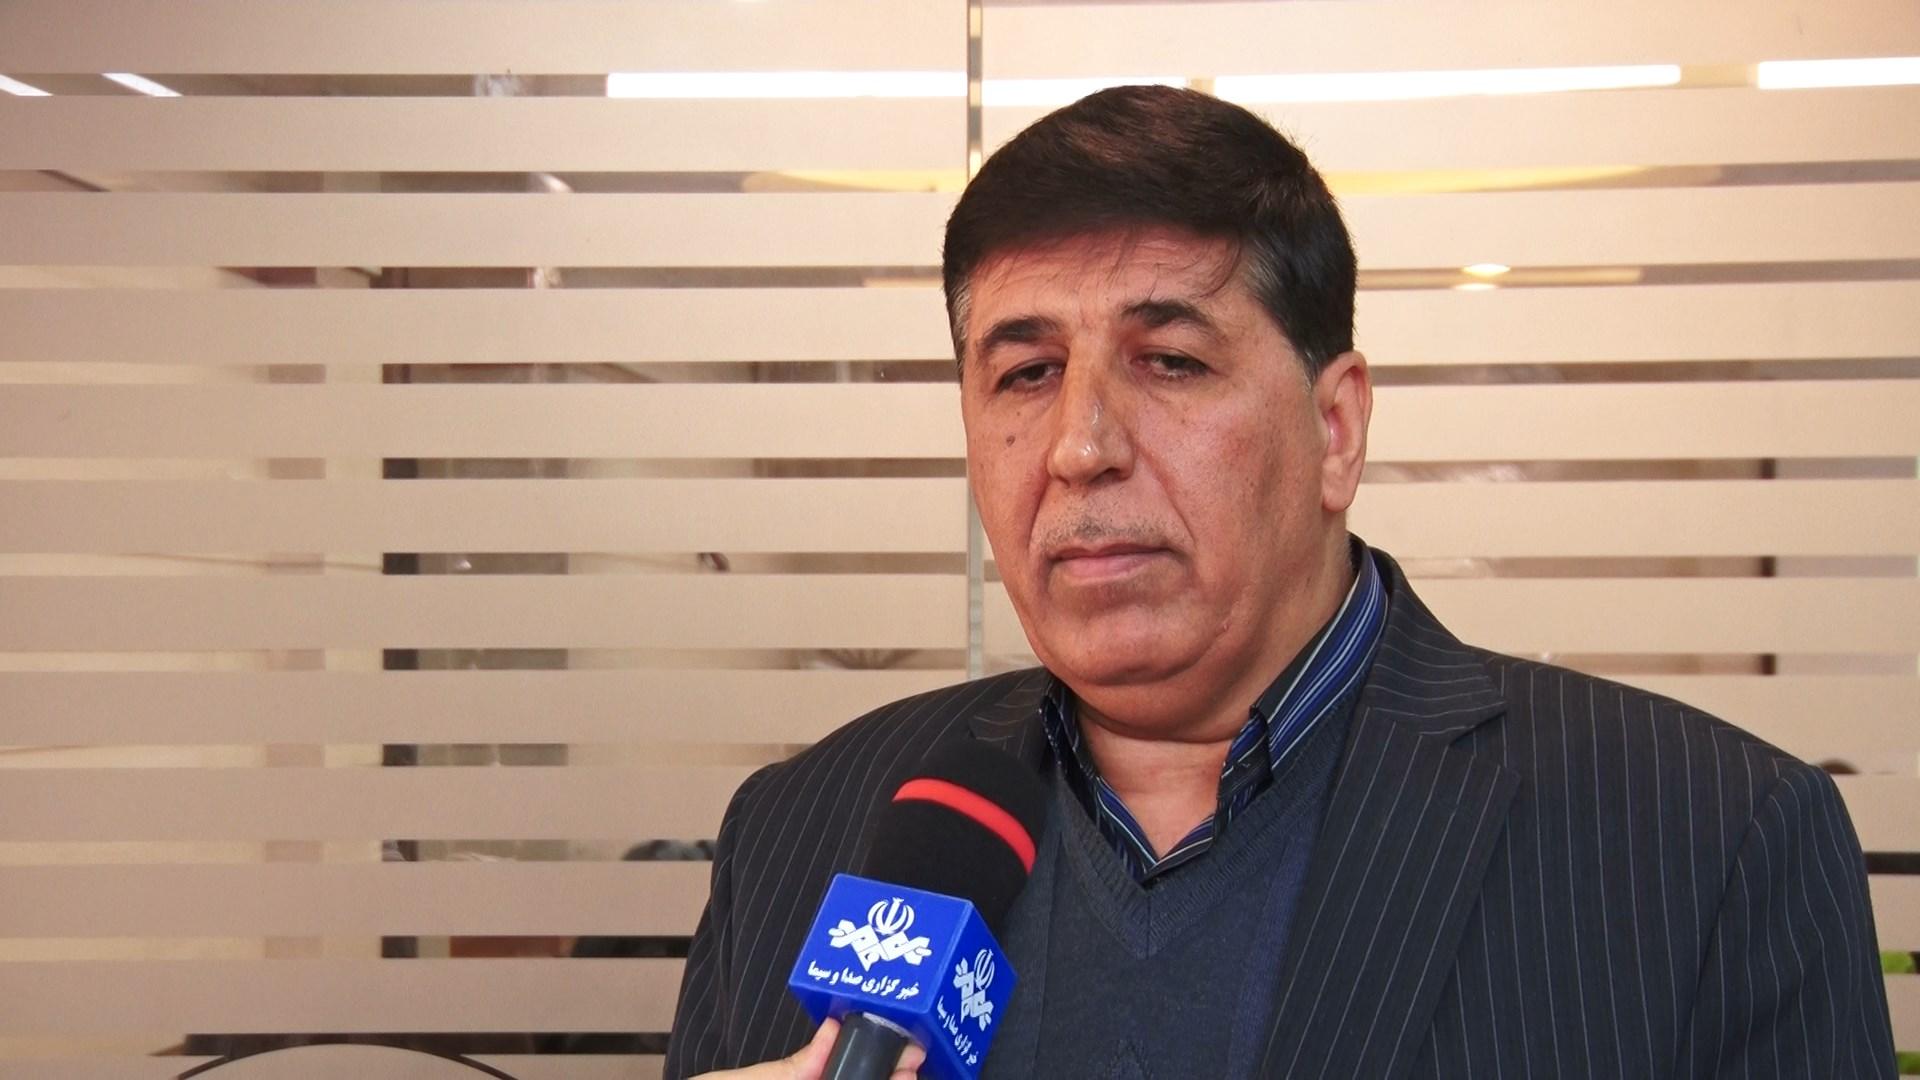 تلفات انرژی برق در اصفهان  بیش از 4 درصد کمتر از میانگین کشوری